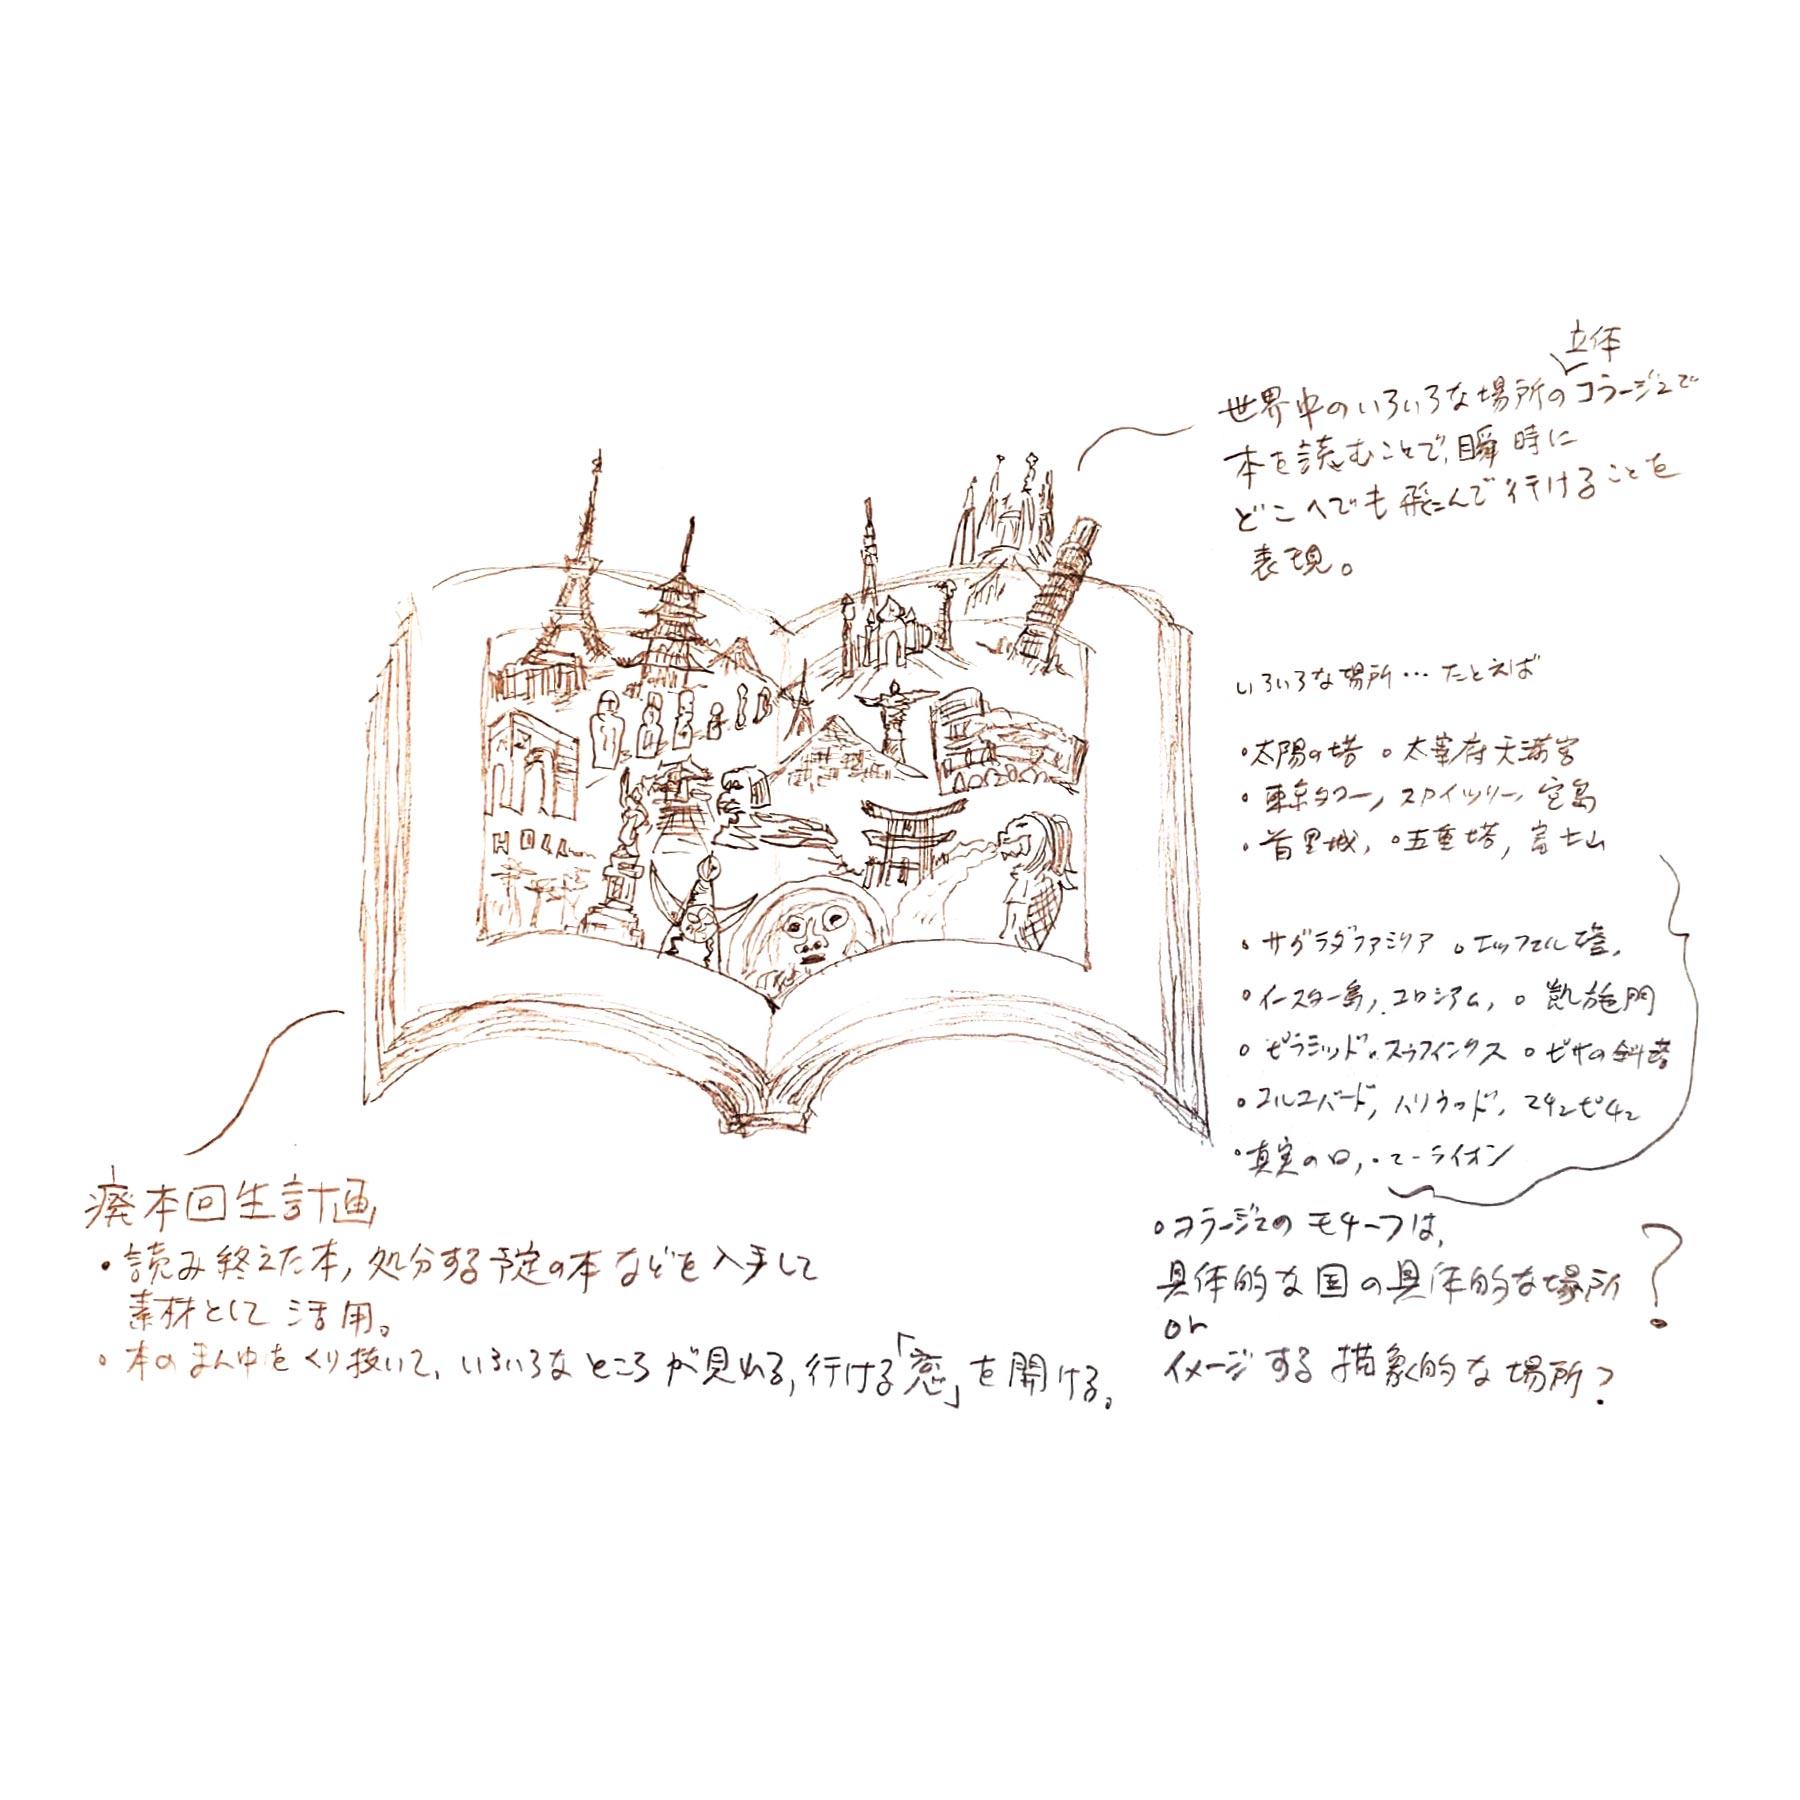 5読者を新しい世界に連れて行く、-言葉の言語化、紡ぎ方。